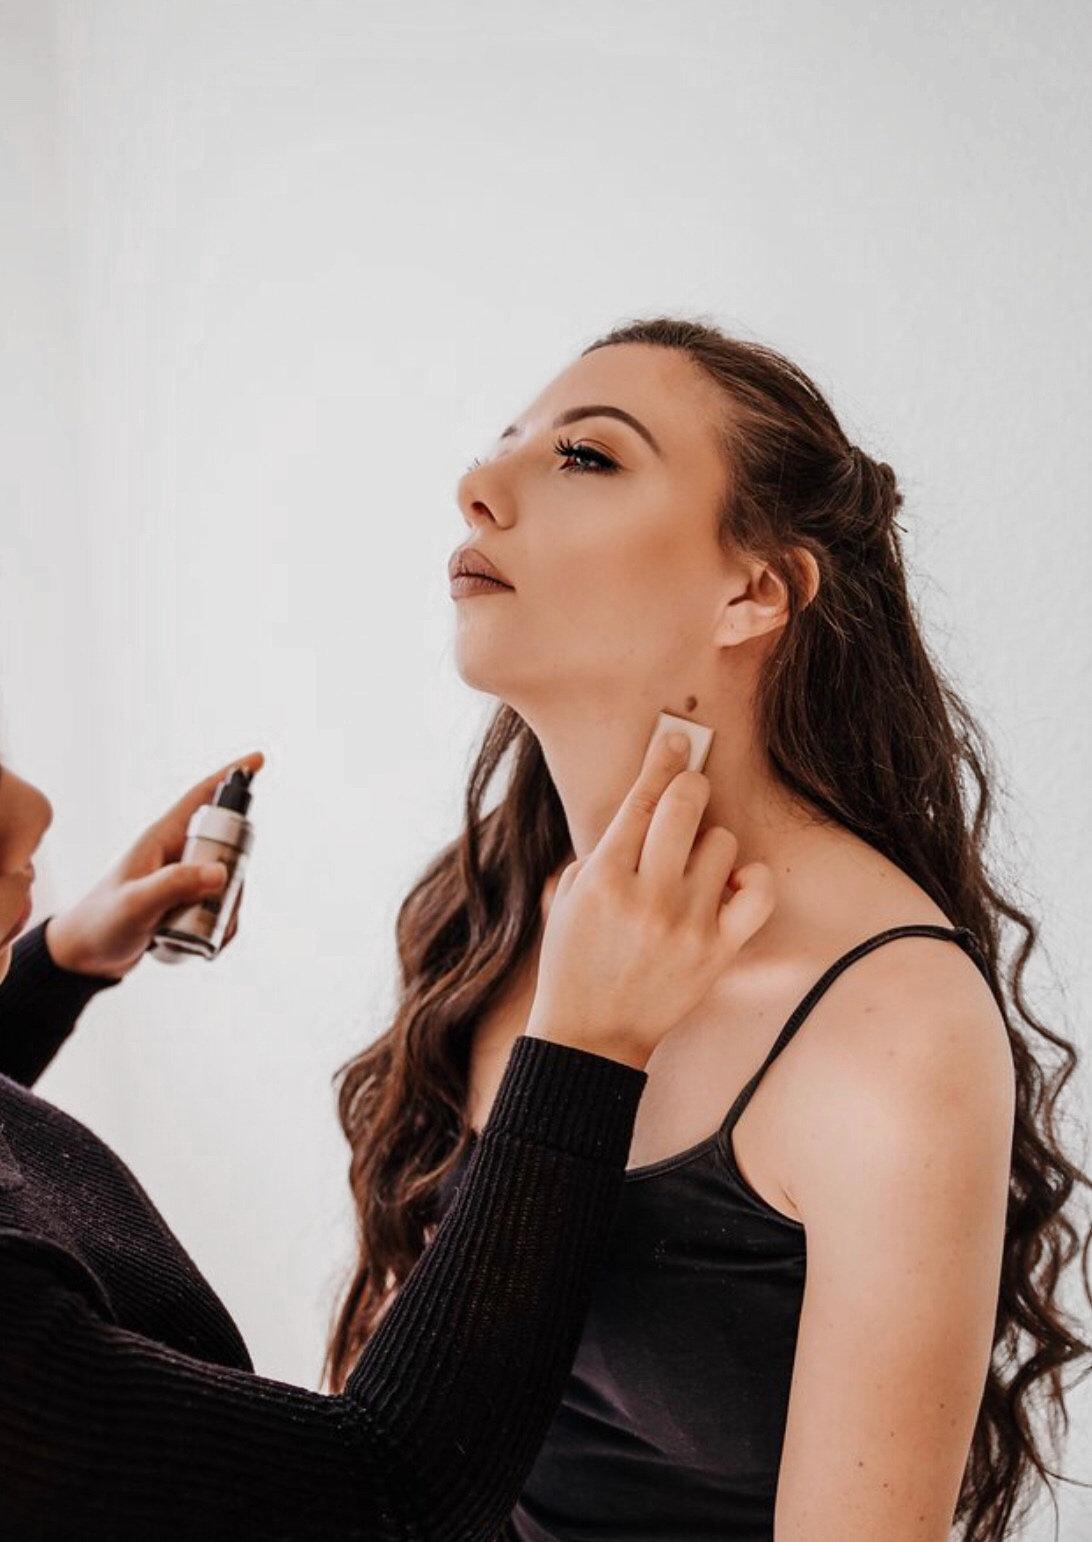 Regular Makeup Application